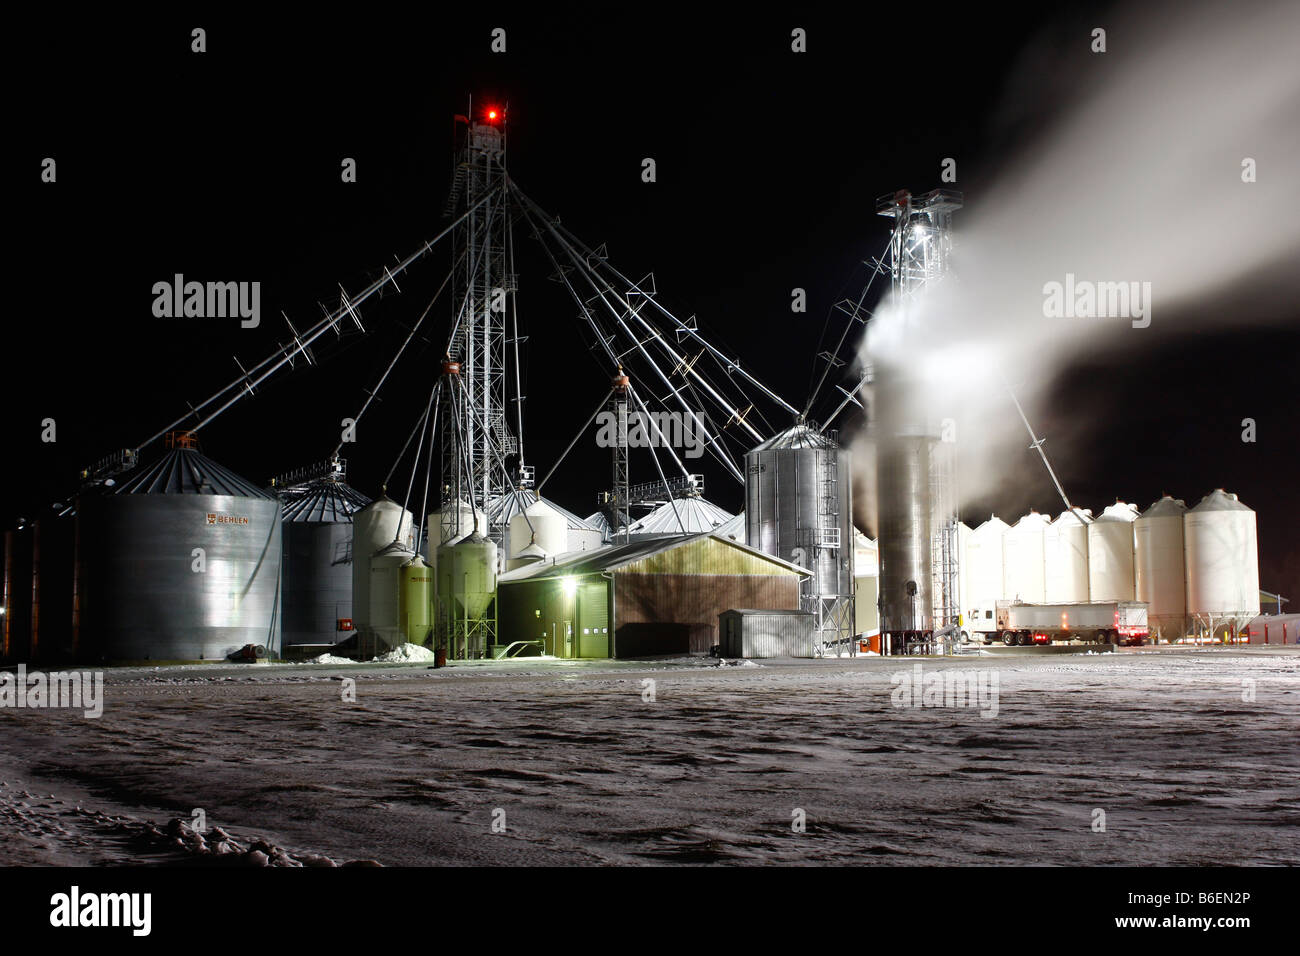 wärmeverlust von erdgas-wärme, trocknung von mais in einer kalten